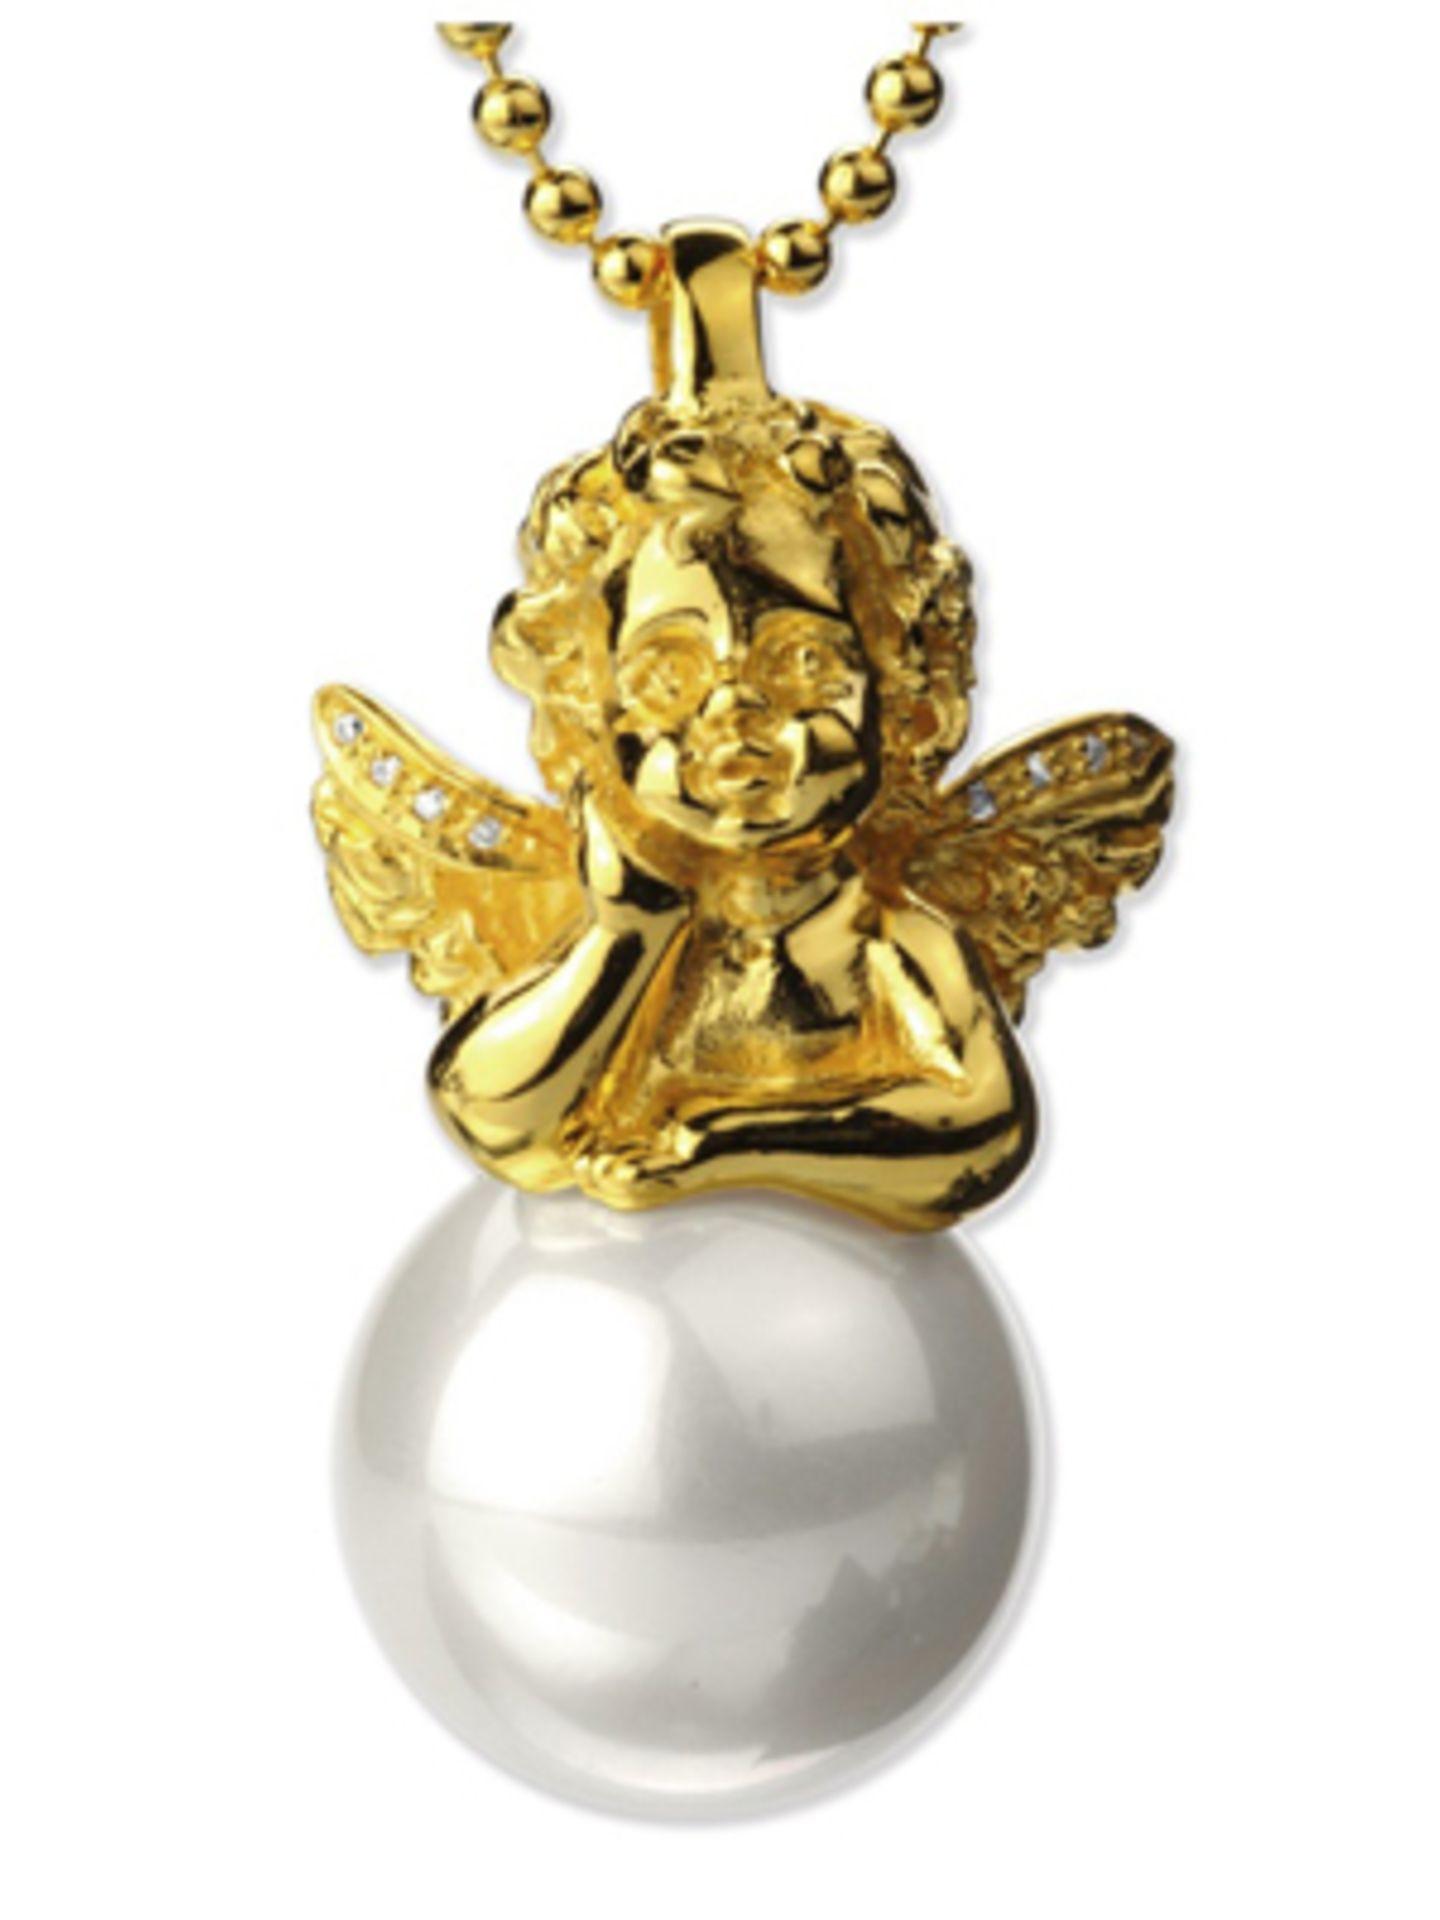 Goldkette mit Engelchen und Perle von Heartbreaker. Kette um 200 Euro, Anhänger um 55 Euro.